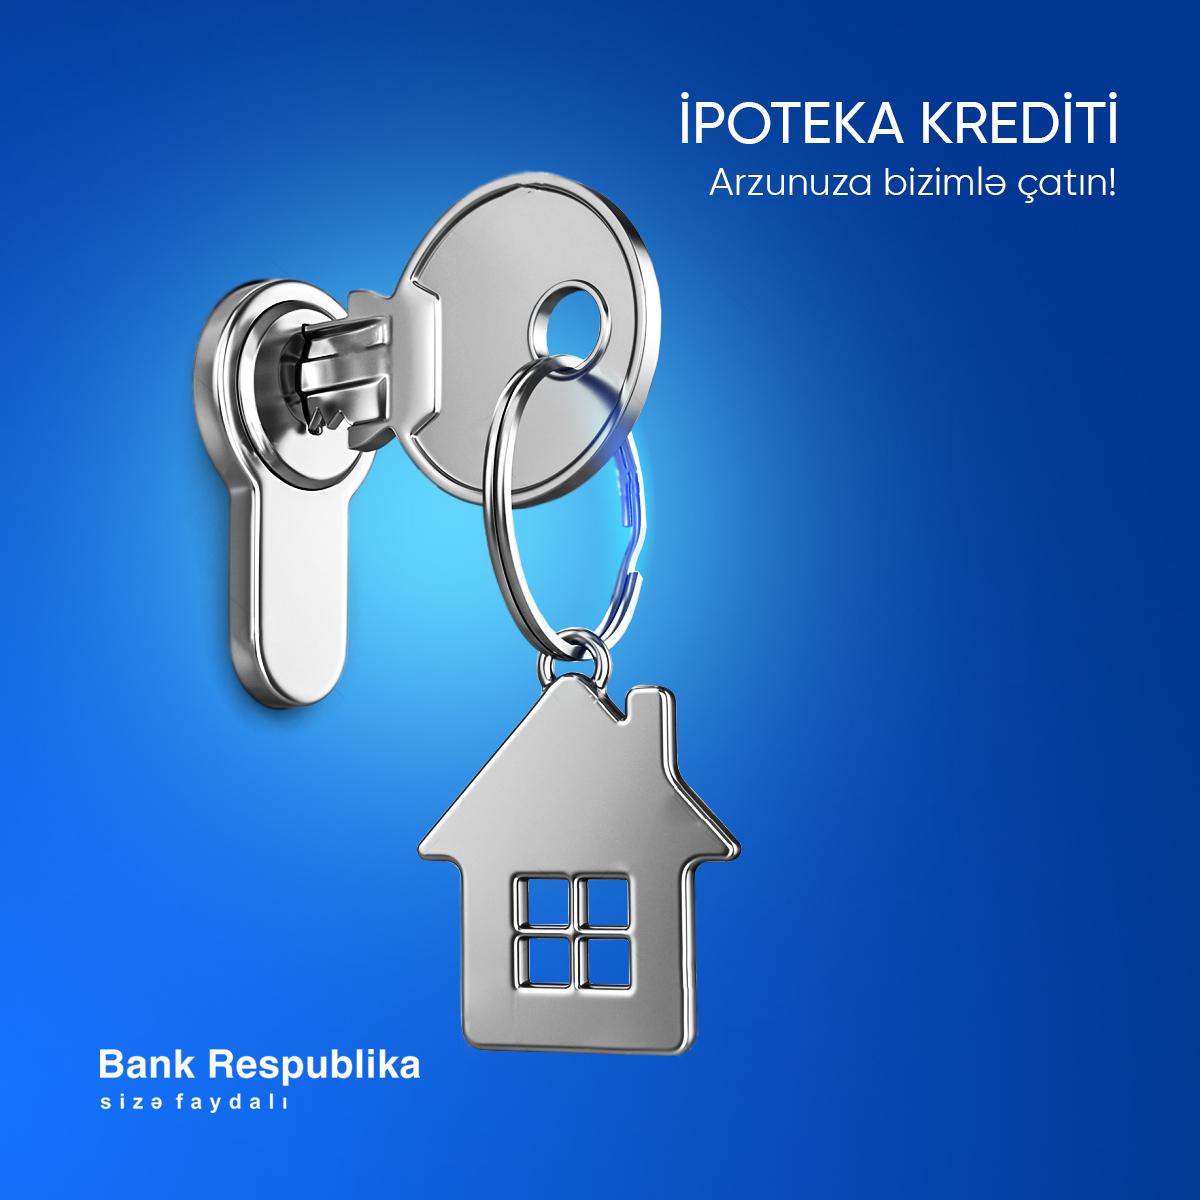 Банк Республика предлагает ипотечные кредиты на выгодных условиях